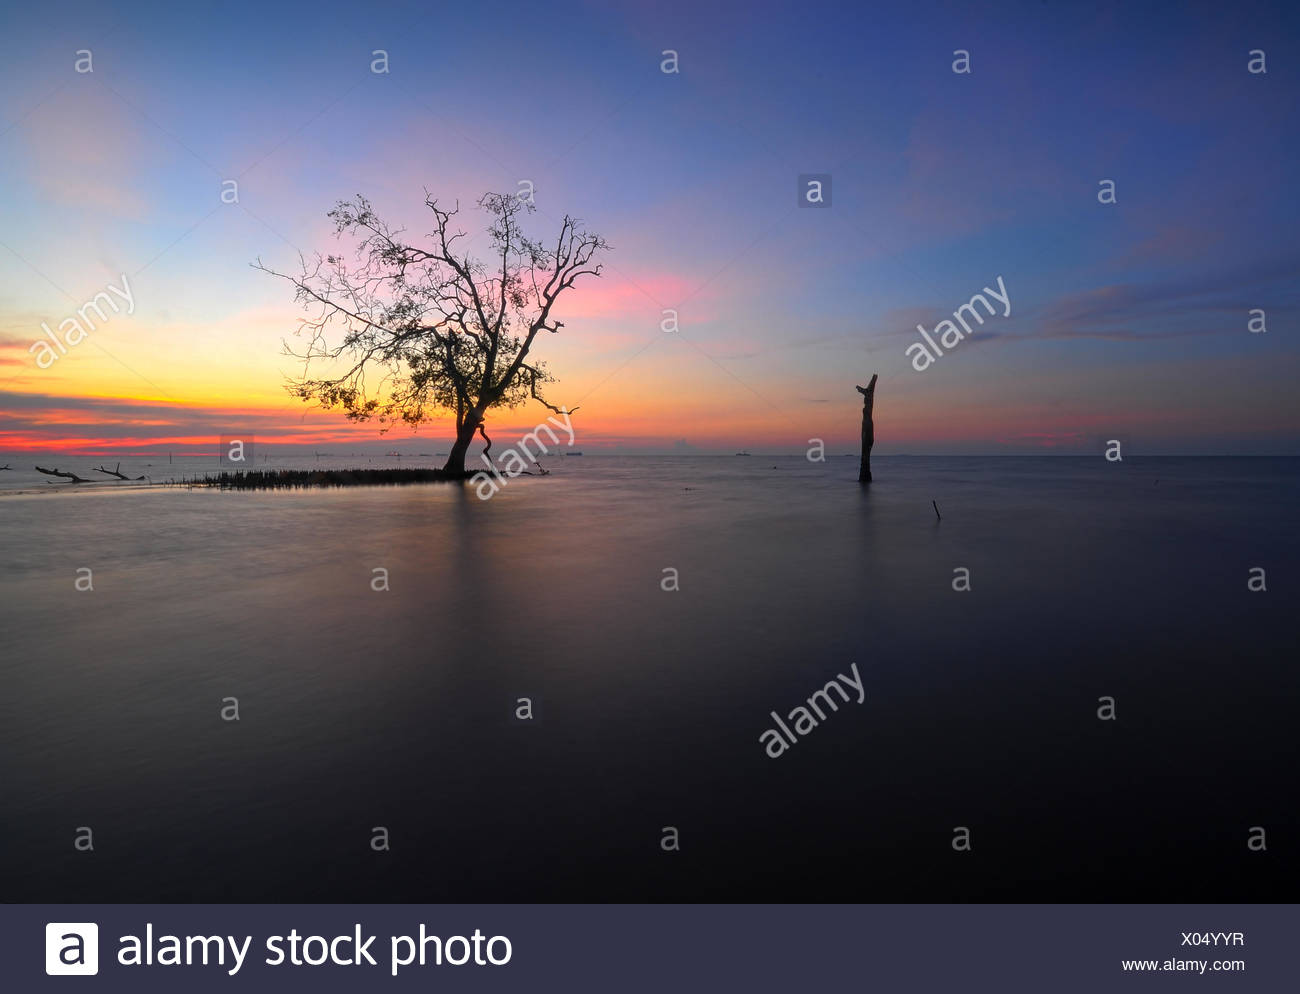 Malasia, Selangor, Banting, único árbol en Kelanang playa en el atardecer. Imagen De Stock